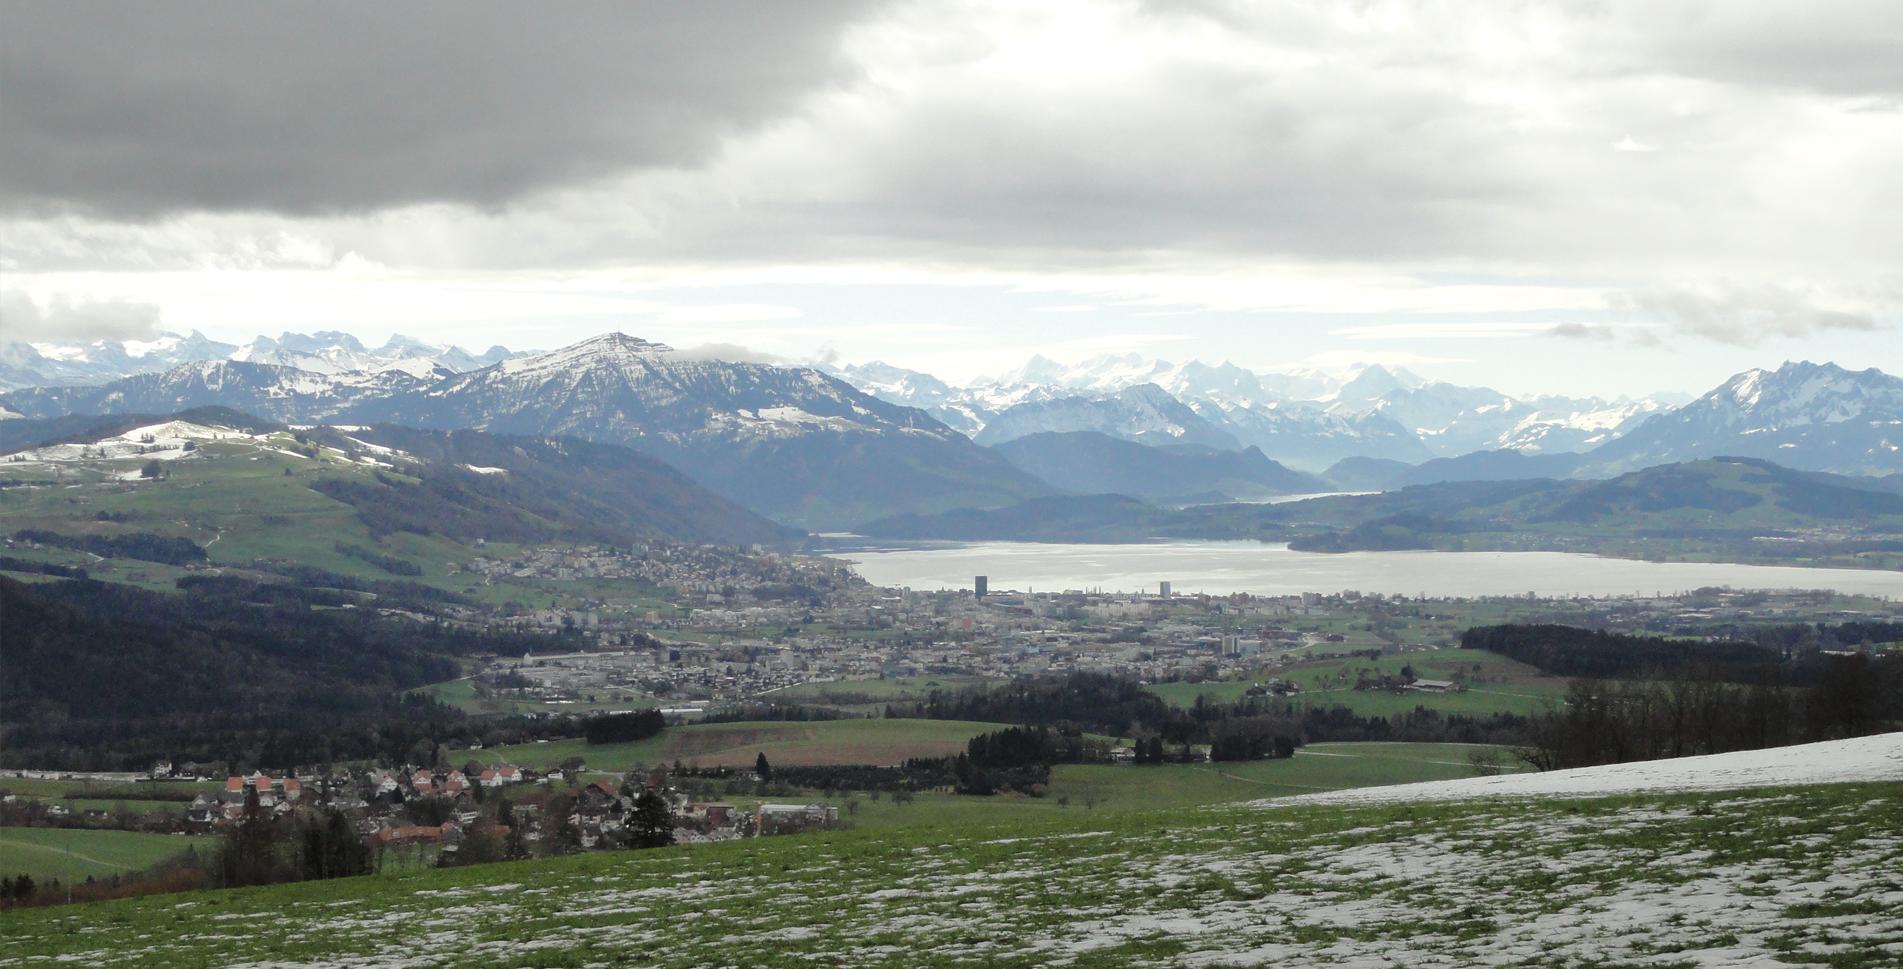 Wanderung auf der Albiskette: Albispass – Albishorn – Schweikhof – Sihlbrugg